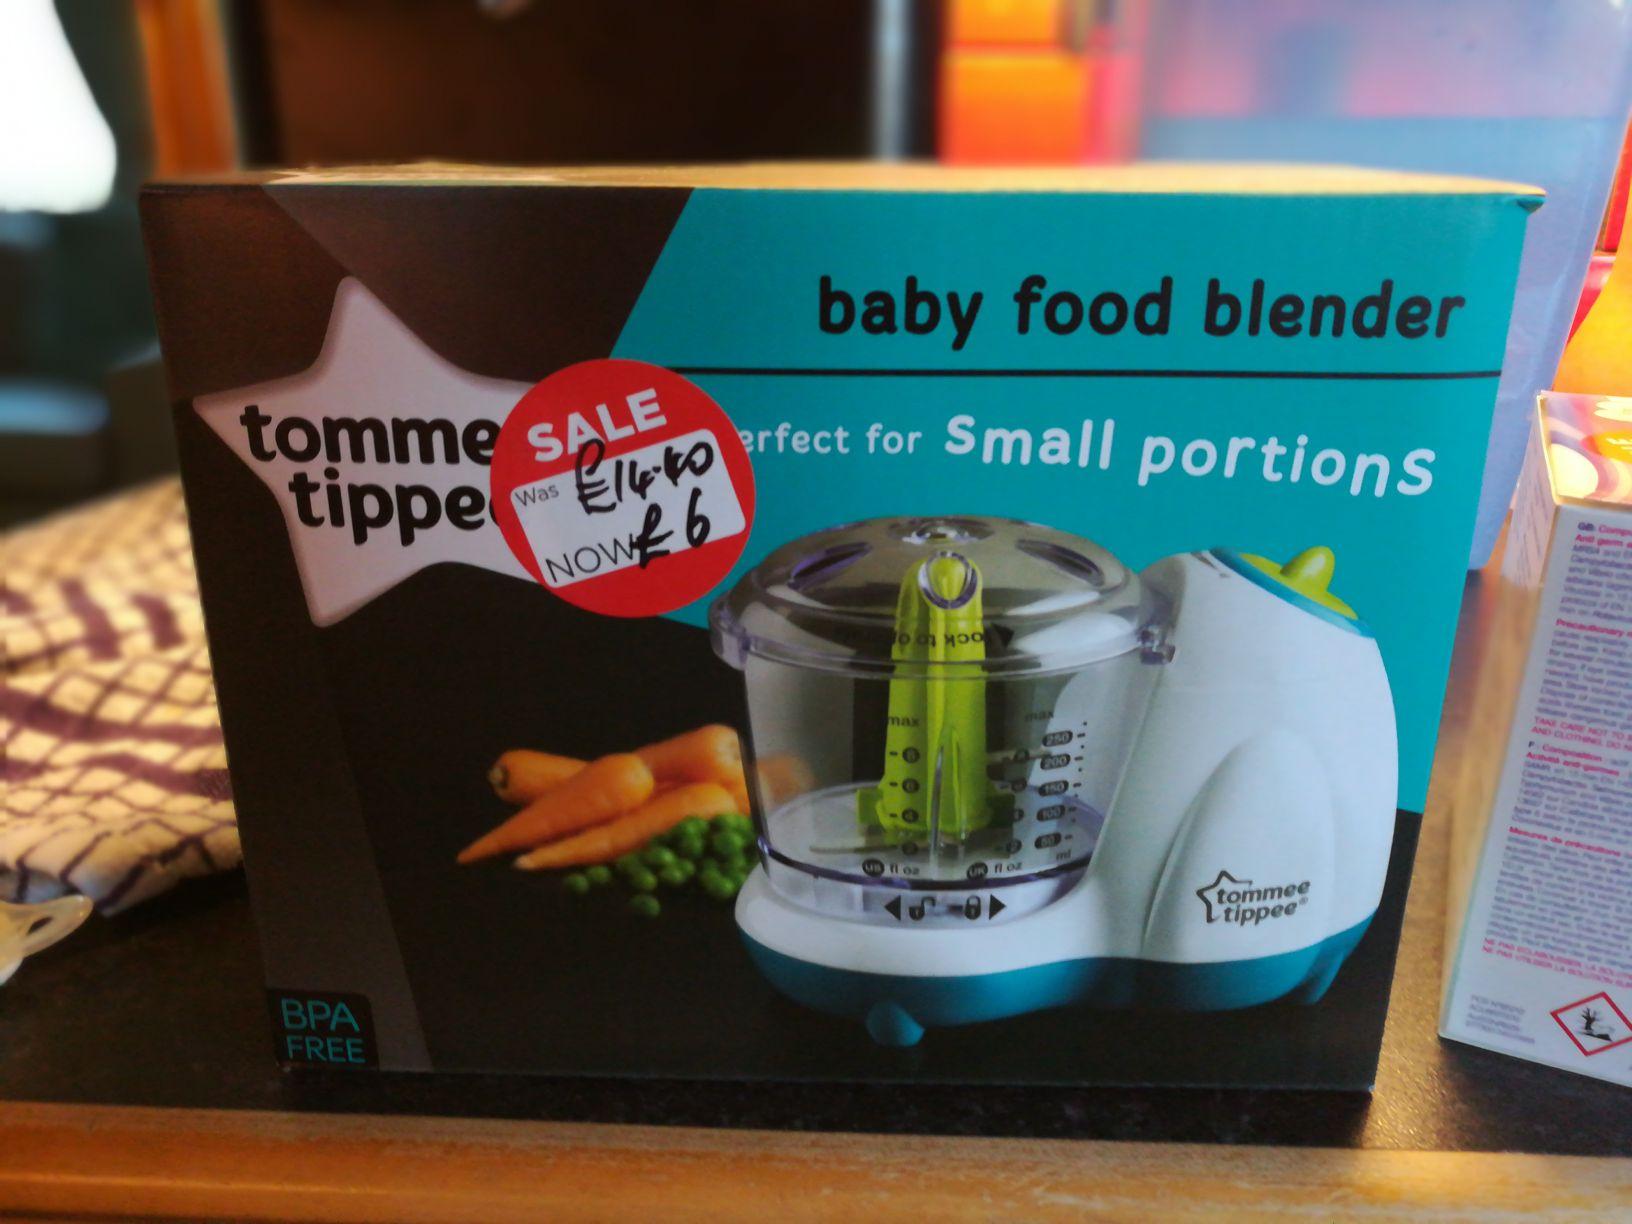 Tommee Tippee Baby Food Blender £6 instore @ Asda